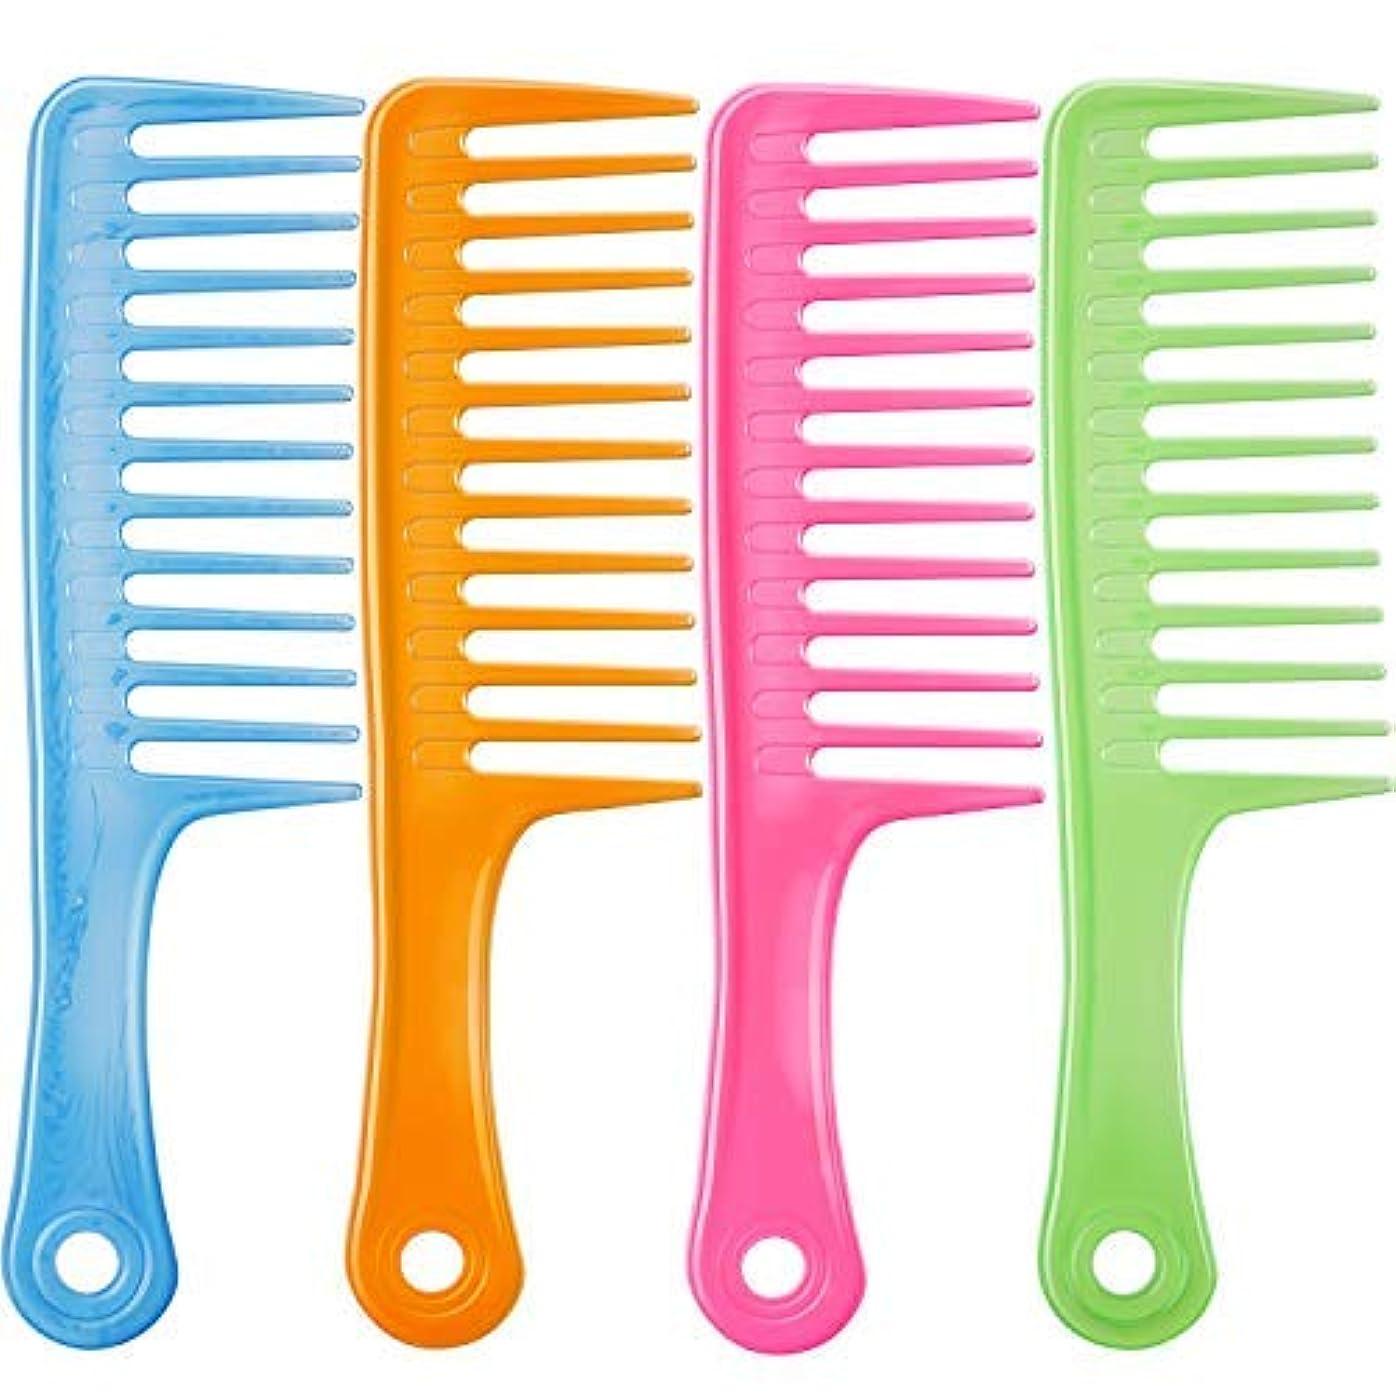 比率豆ズボンTecUnite 4 Pieces 9 1/2 Inches Anti-static Large Tooth Detangle Comb, Wide Tooth Hair Comb Salon Shampoo Comb...